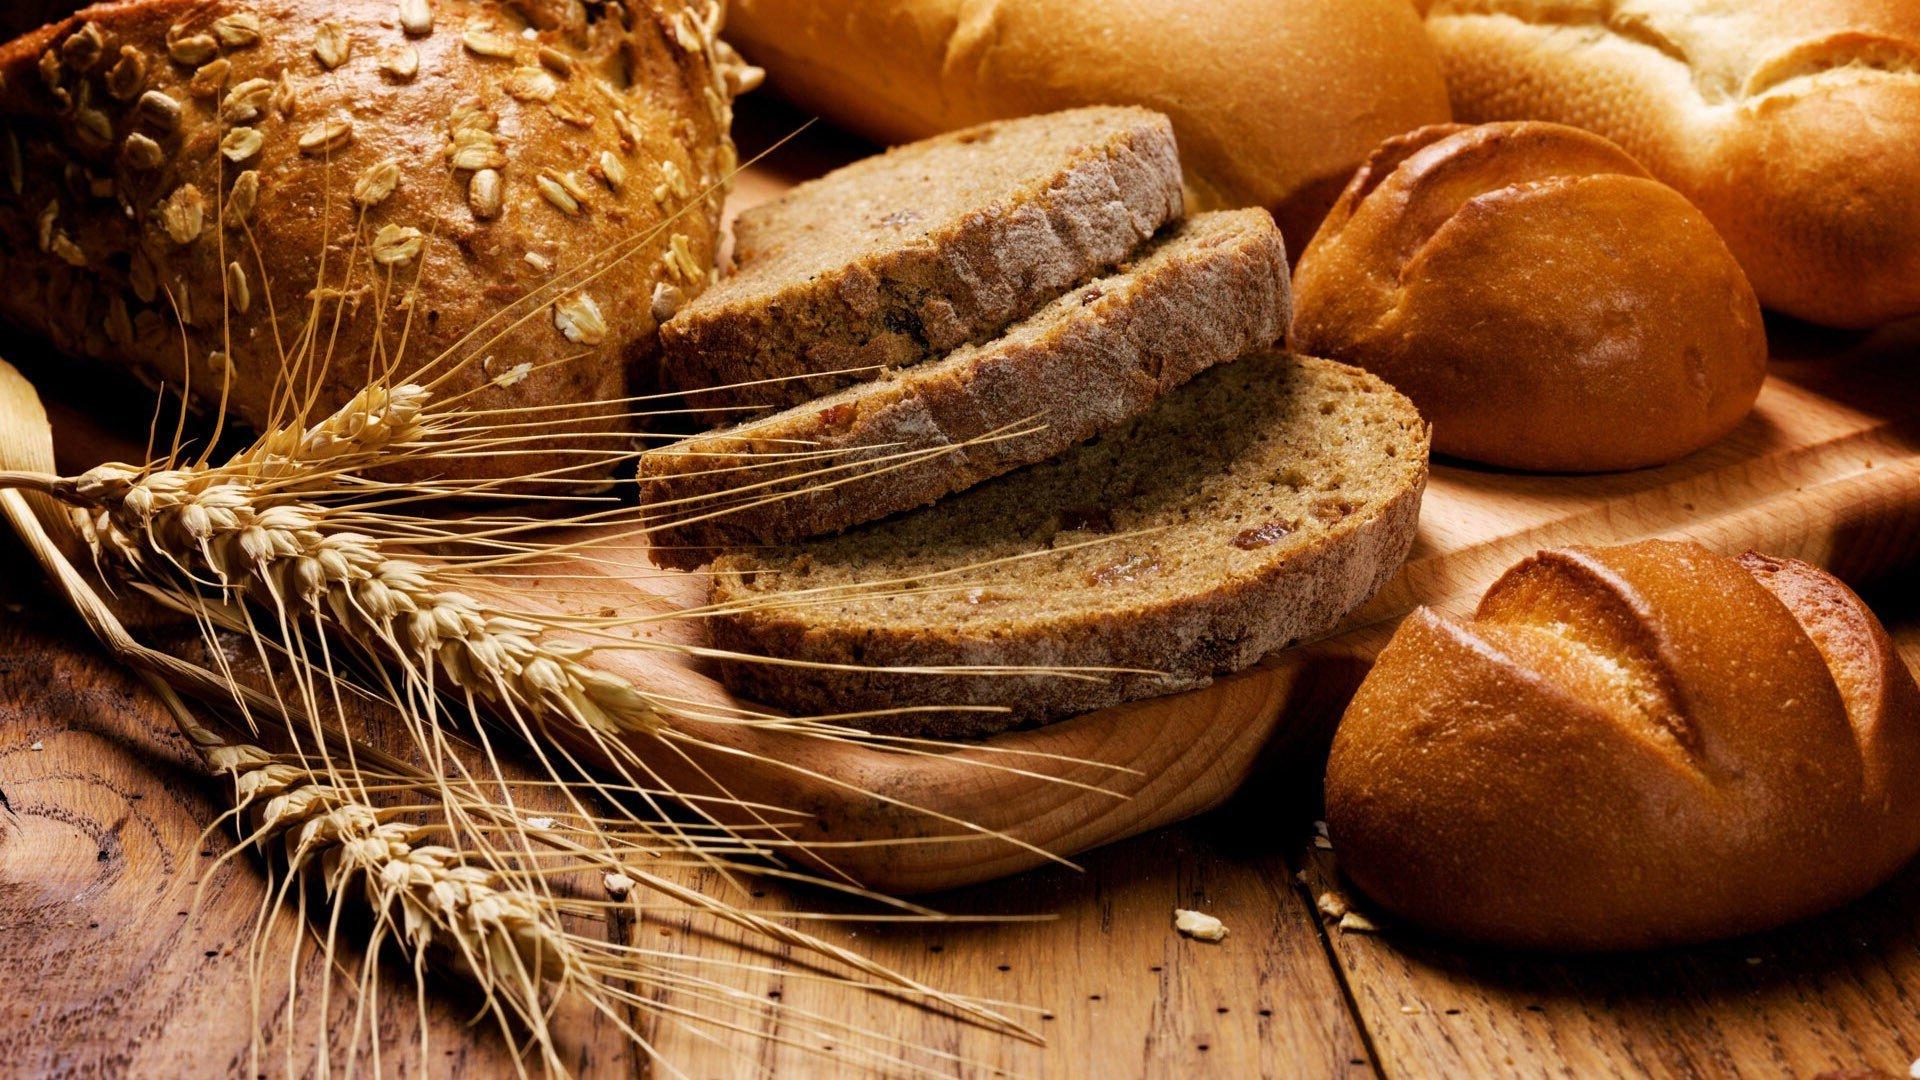 2018 Yılında Ekmek Fiyatı Yeniden Düzenleniyor